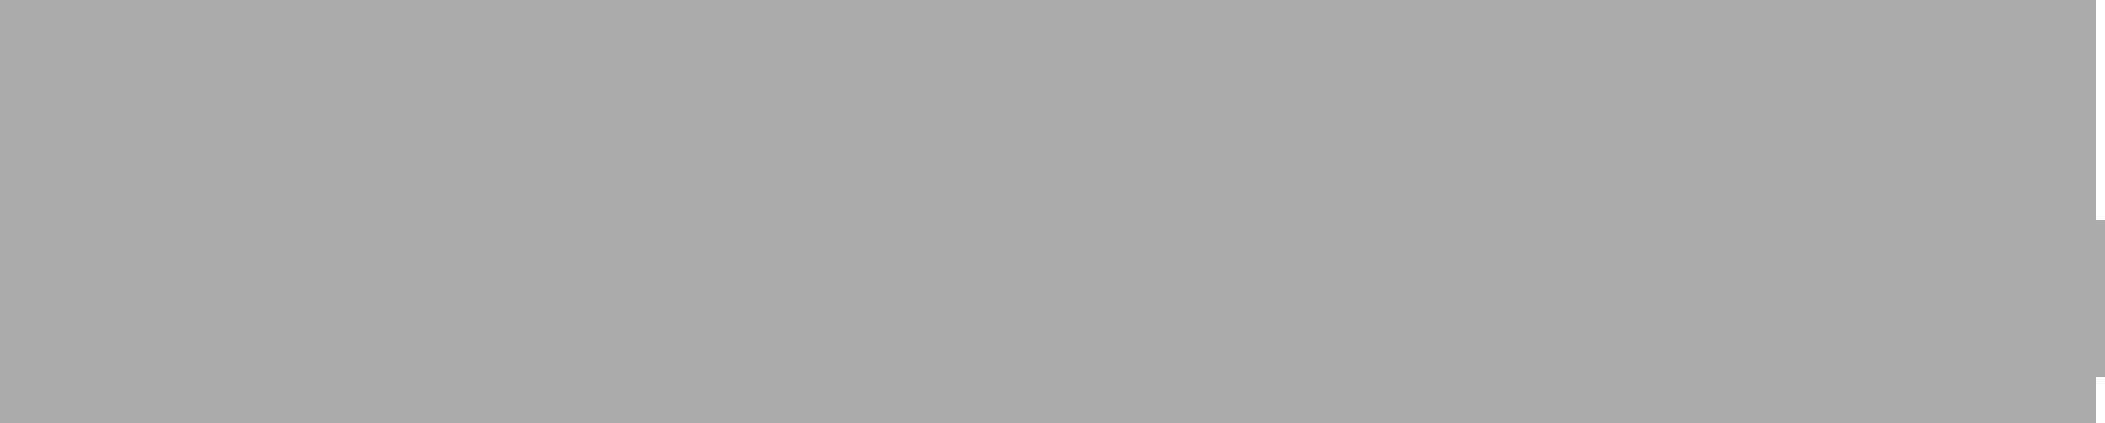 Hong-Kong-Land-gray